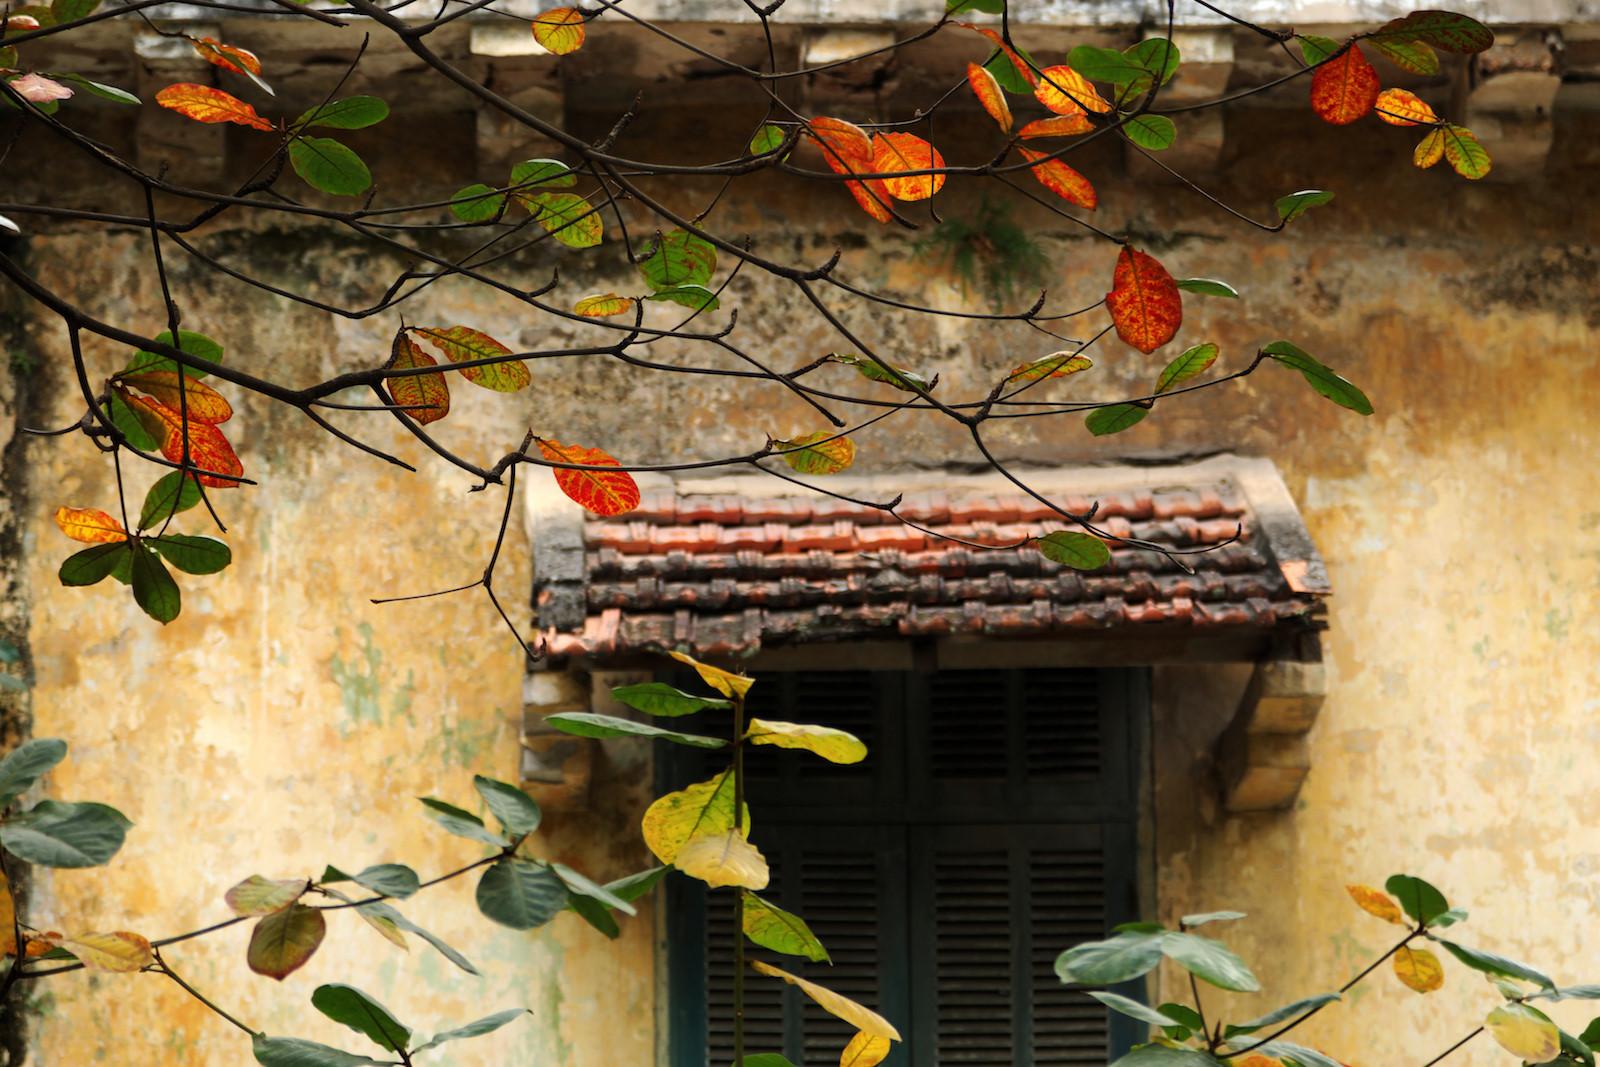 Những khoảnh khắc mùa thu Hà Nội lay động lòng người - 13